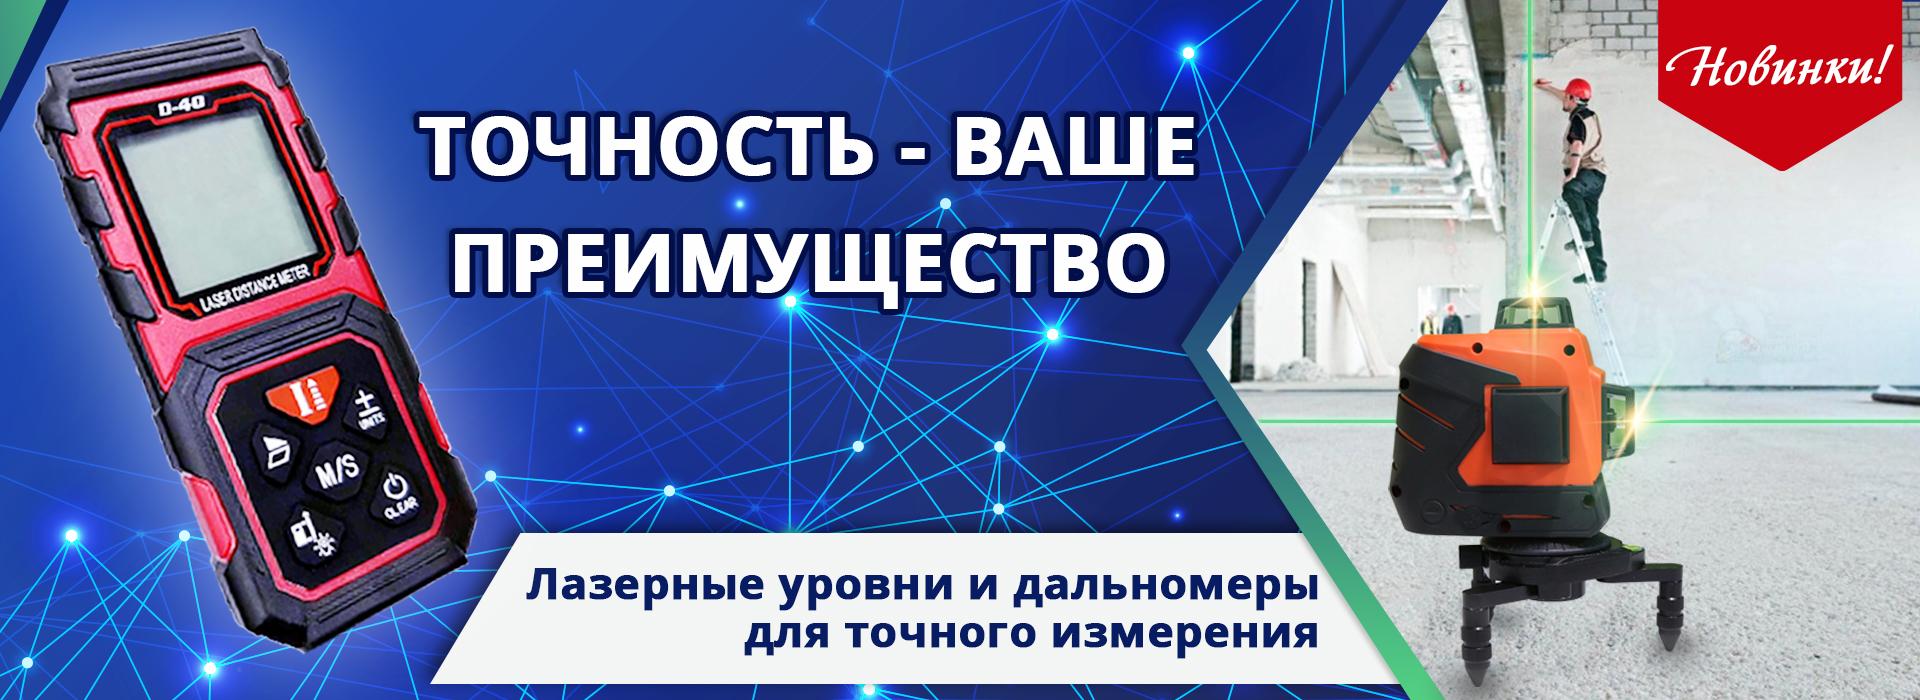 izmeritelnije_pribory_mart_2020